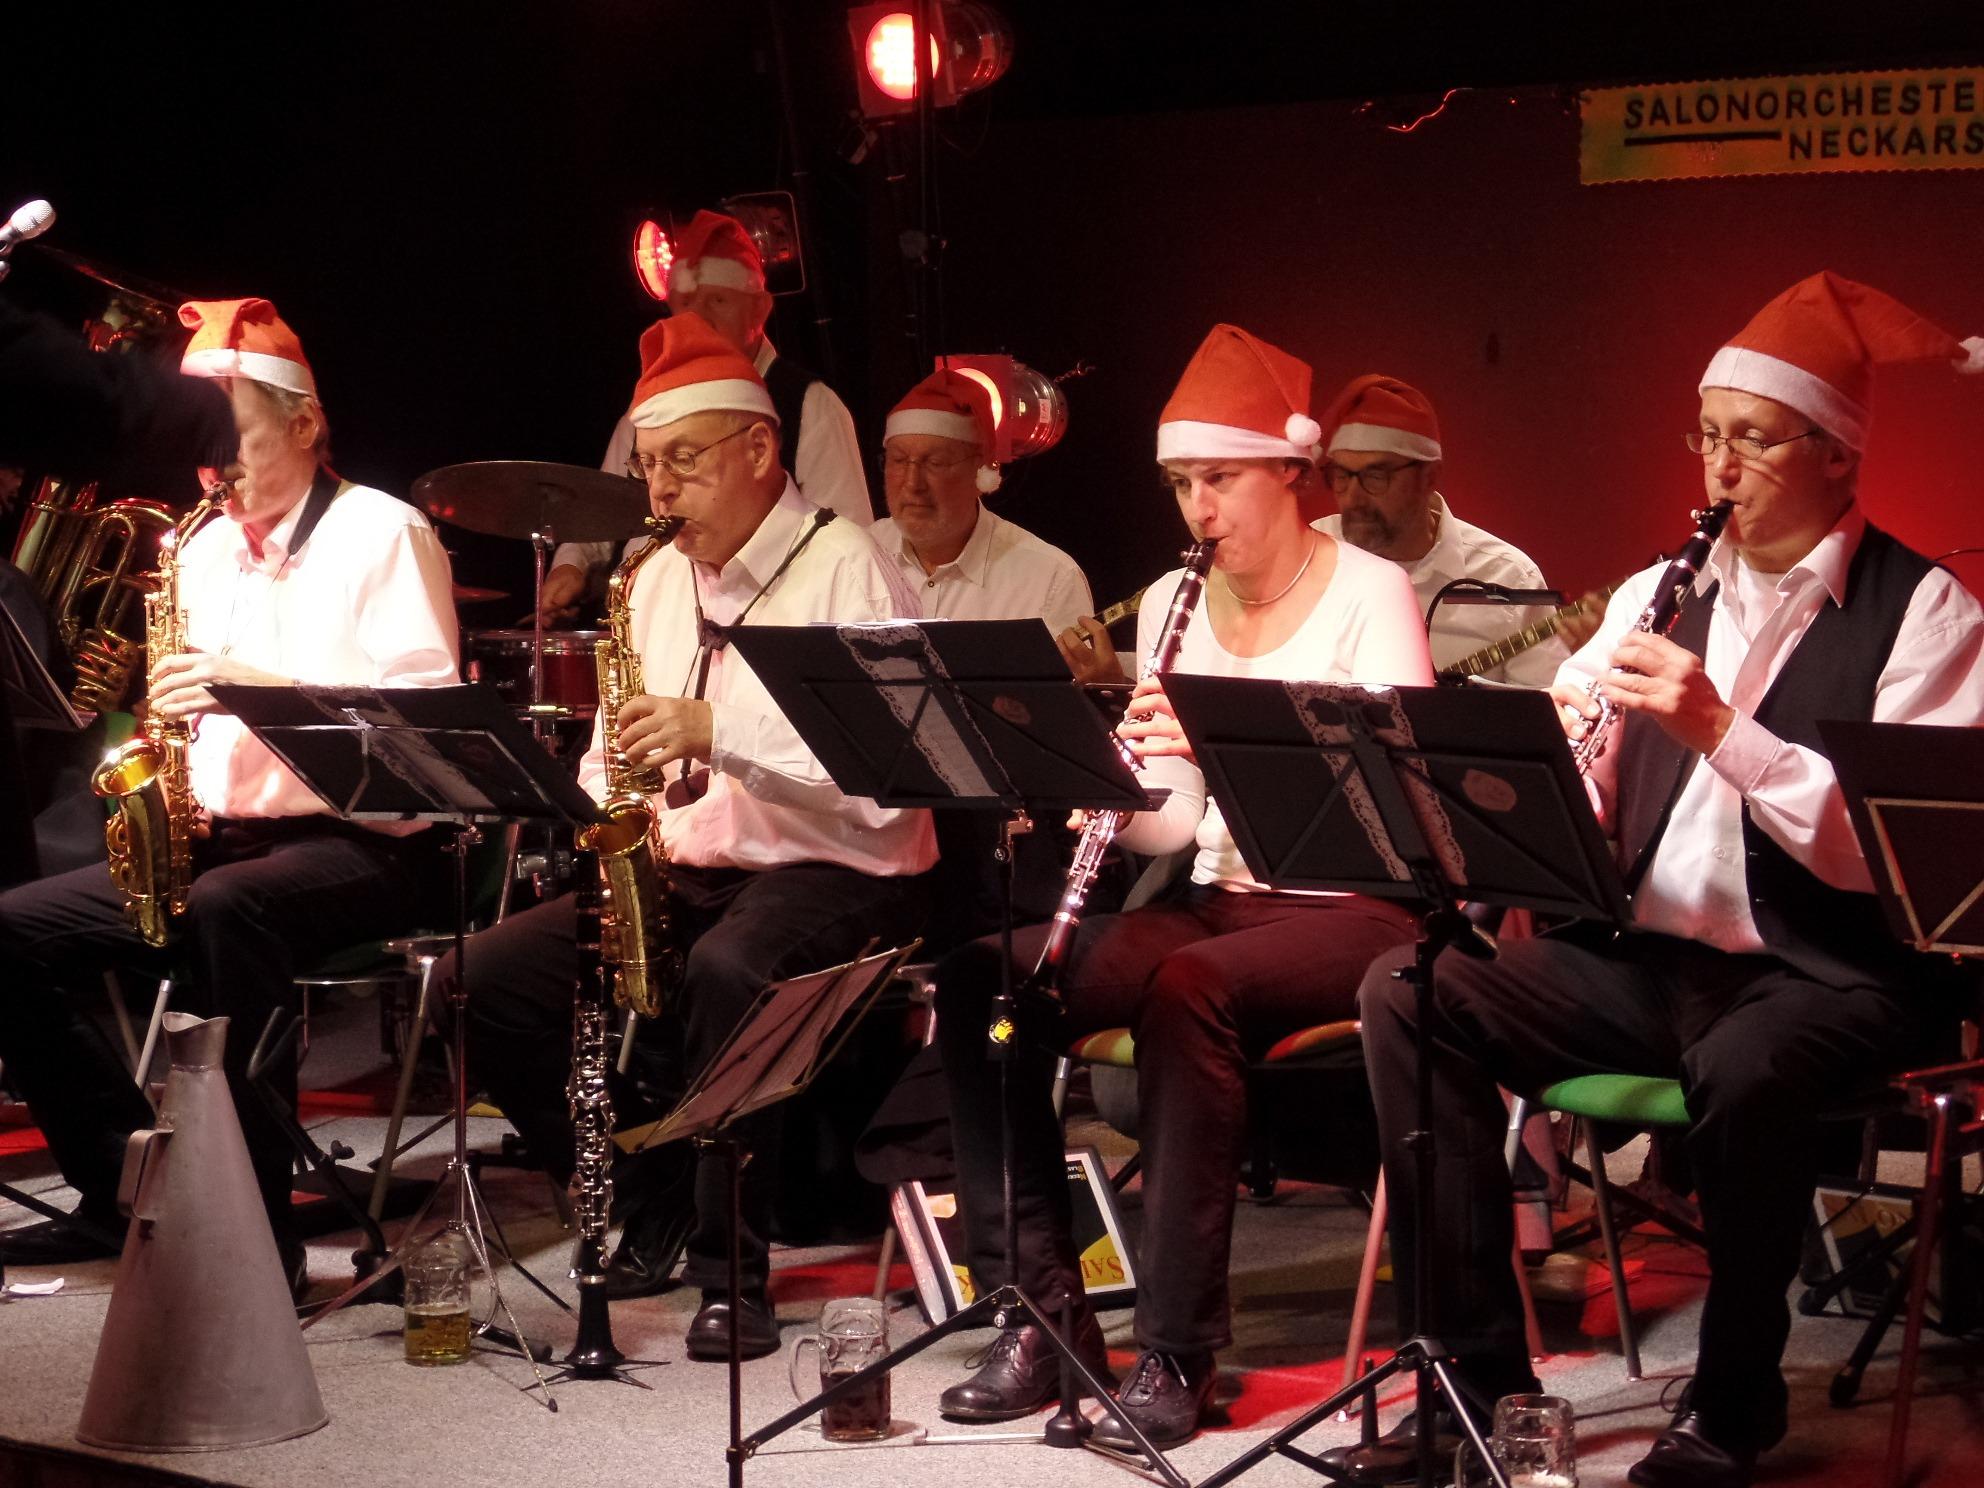 Neckarsulmer Salonorchester